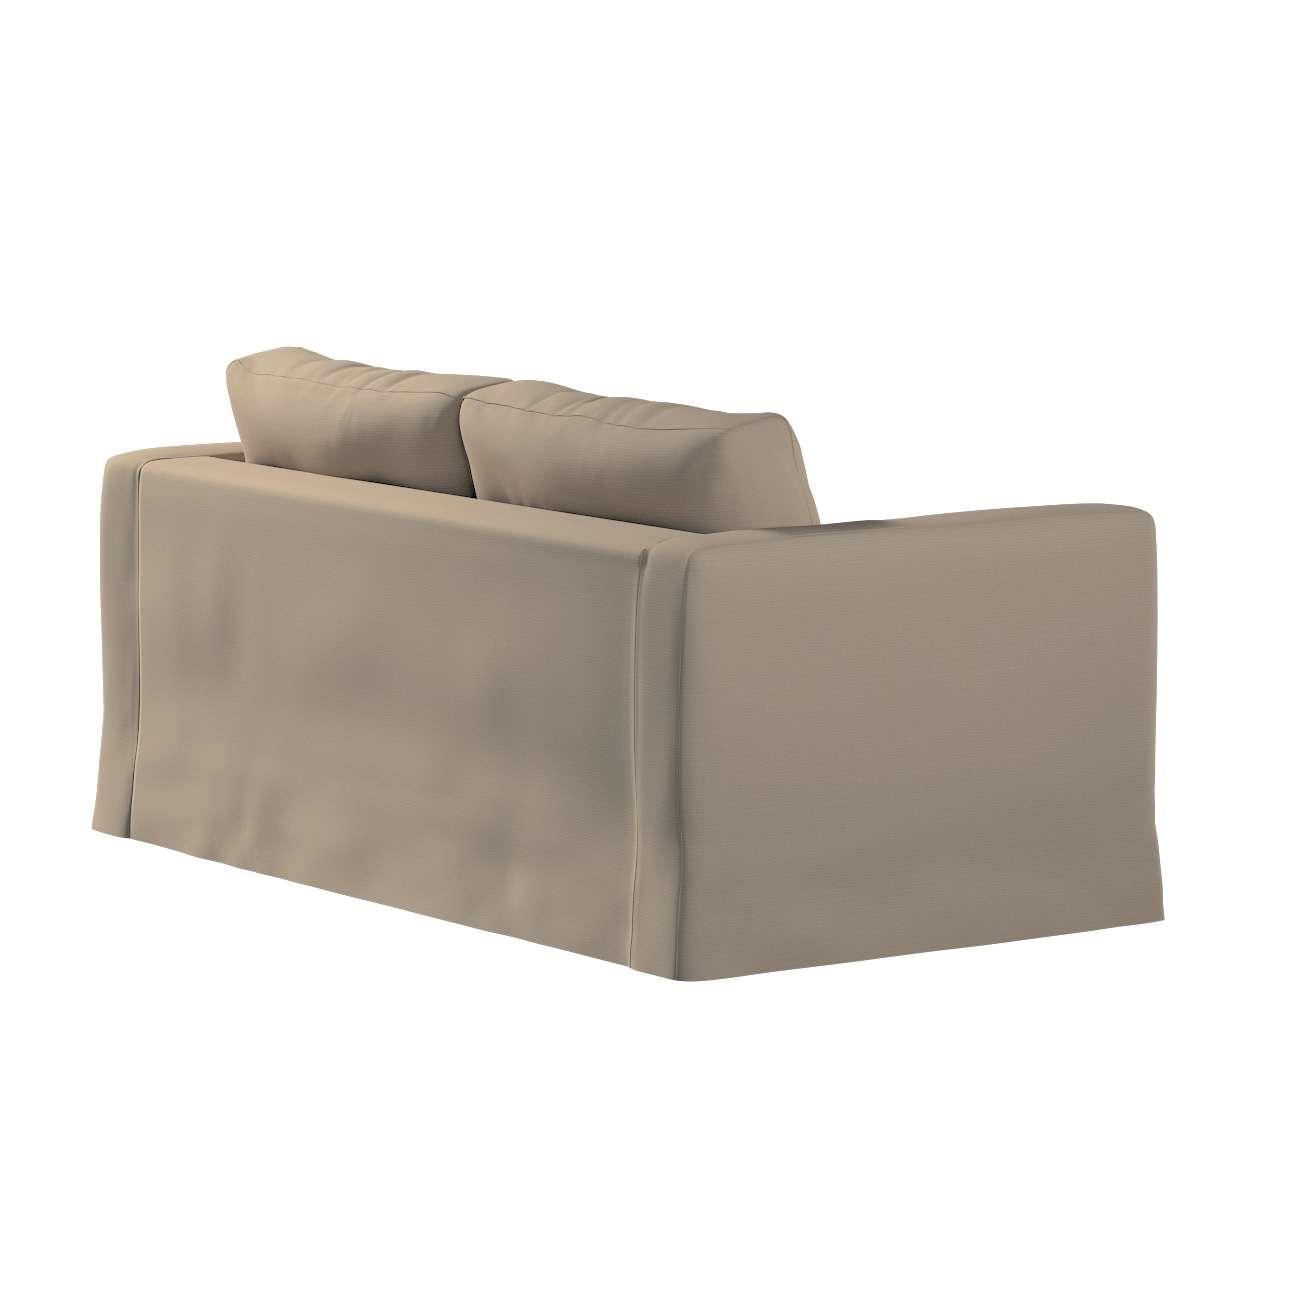 Karlstad 2-Sitzer Sofabezug nicht ausklappbar lang von der Kollektion Cotton Panama, Stoff: 702-28